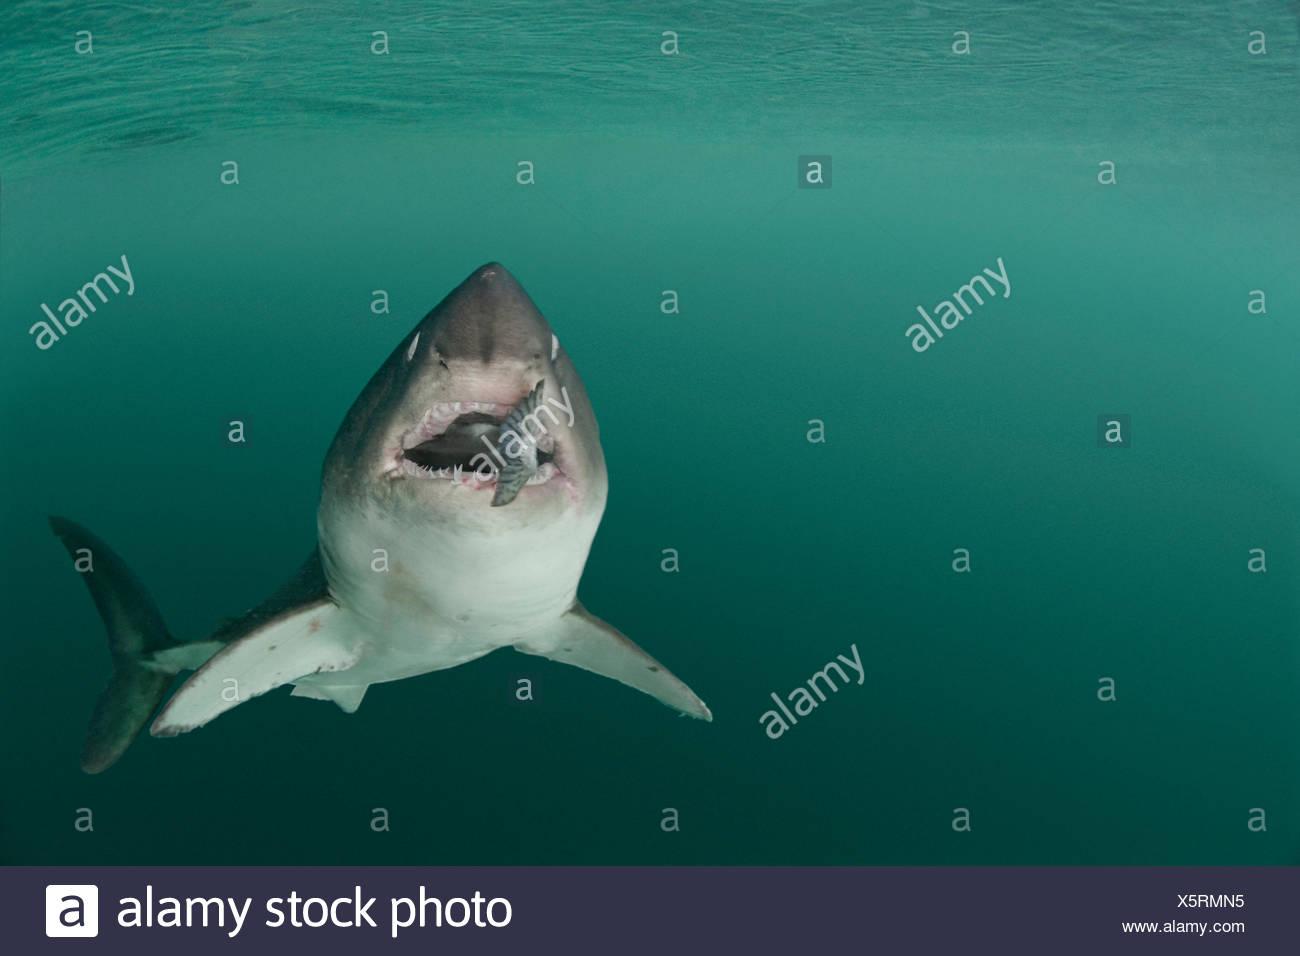 Lachs Hai {Lamna Ditropis} gefangen, mit Lachs in Mund (Augen werden ein Rollback für Schutz), Prince William Sound, Alaska, USA, (Digital verändert) Stockfoto